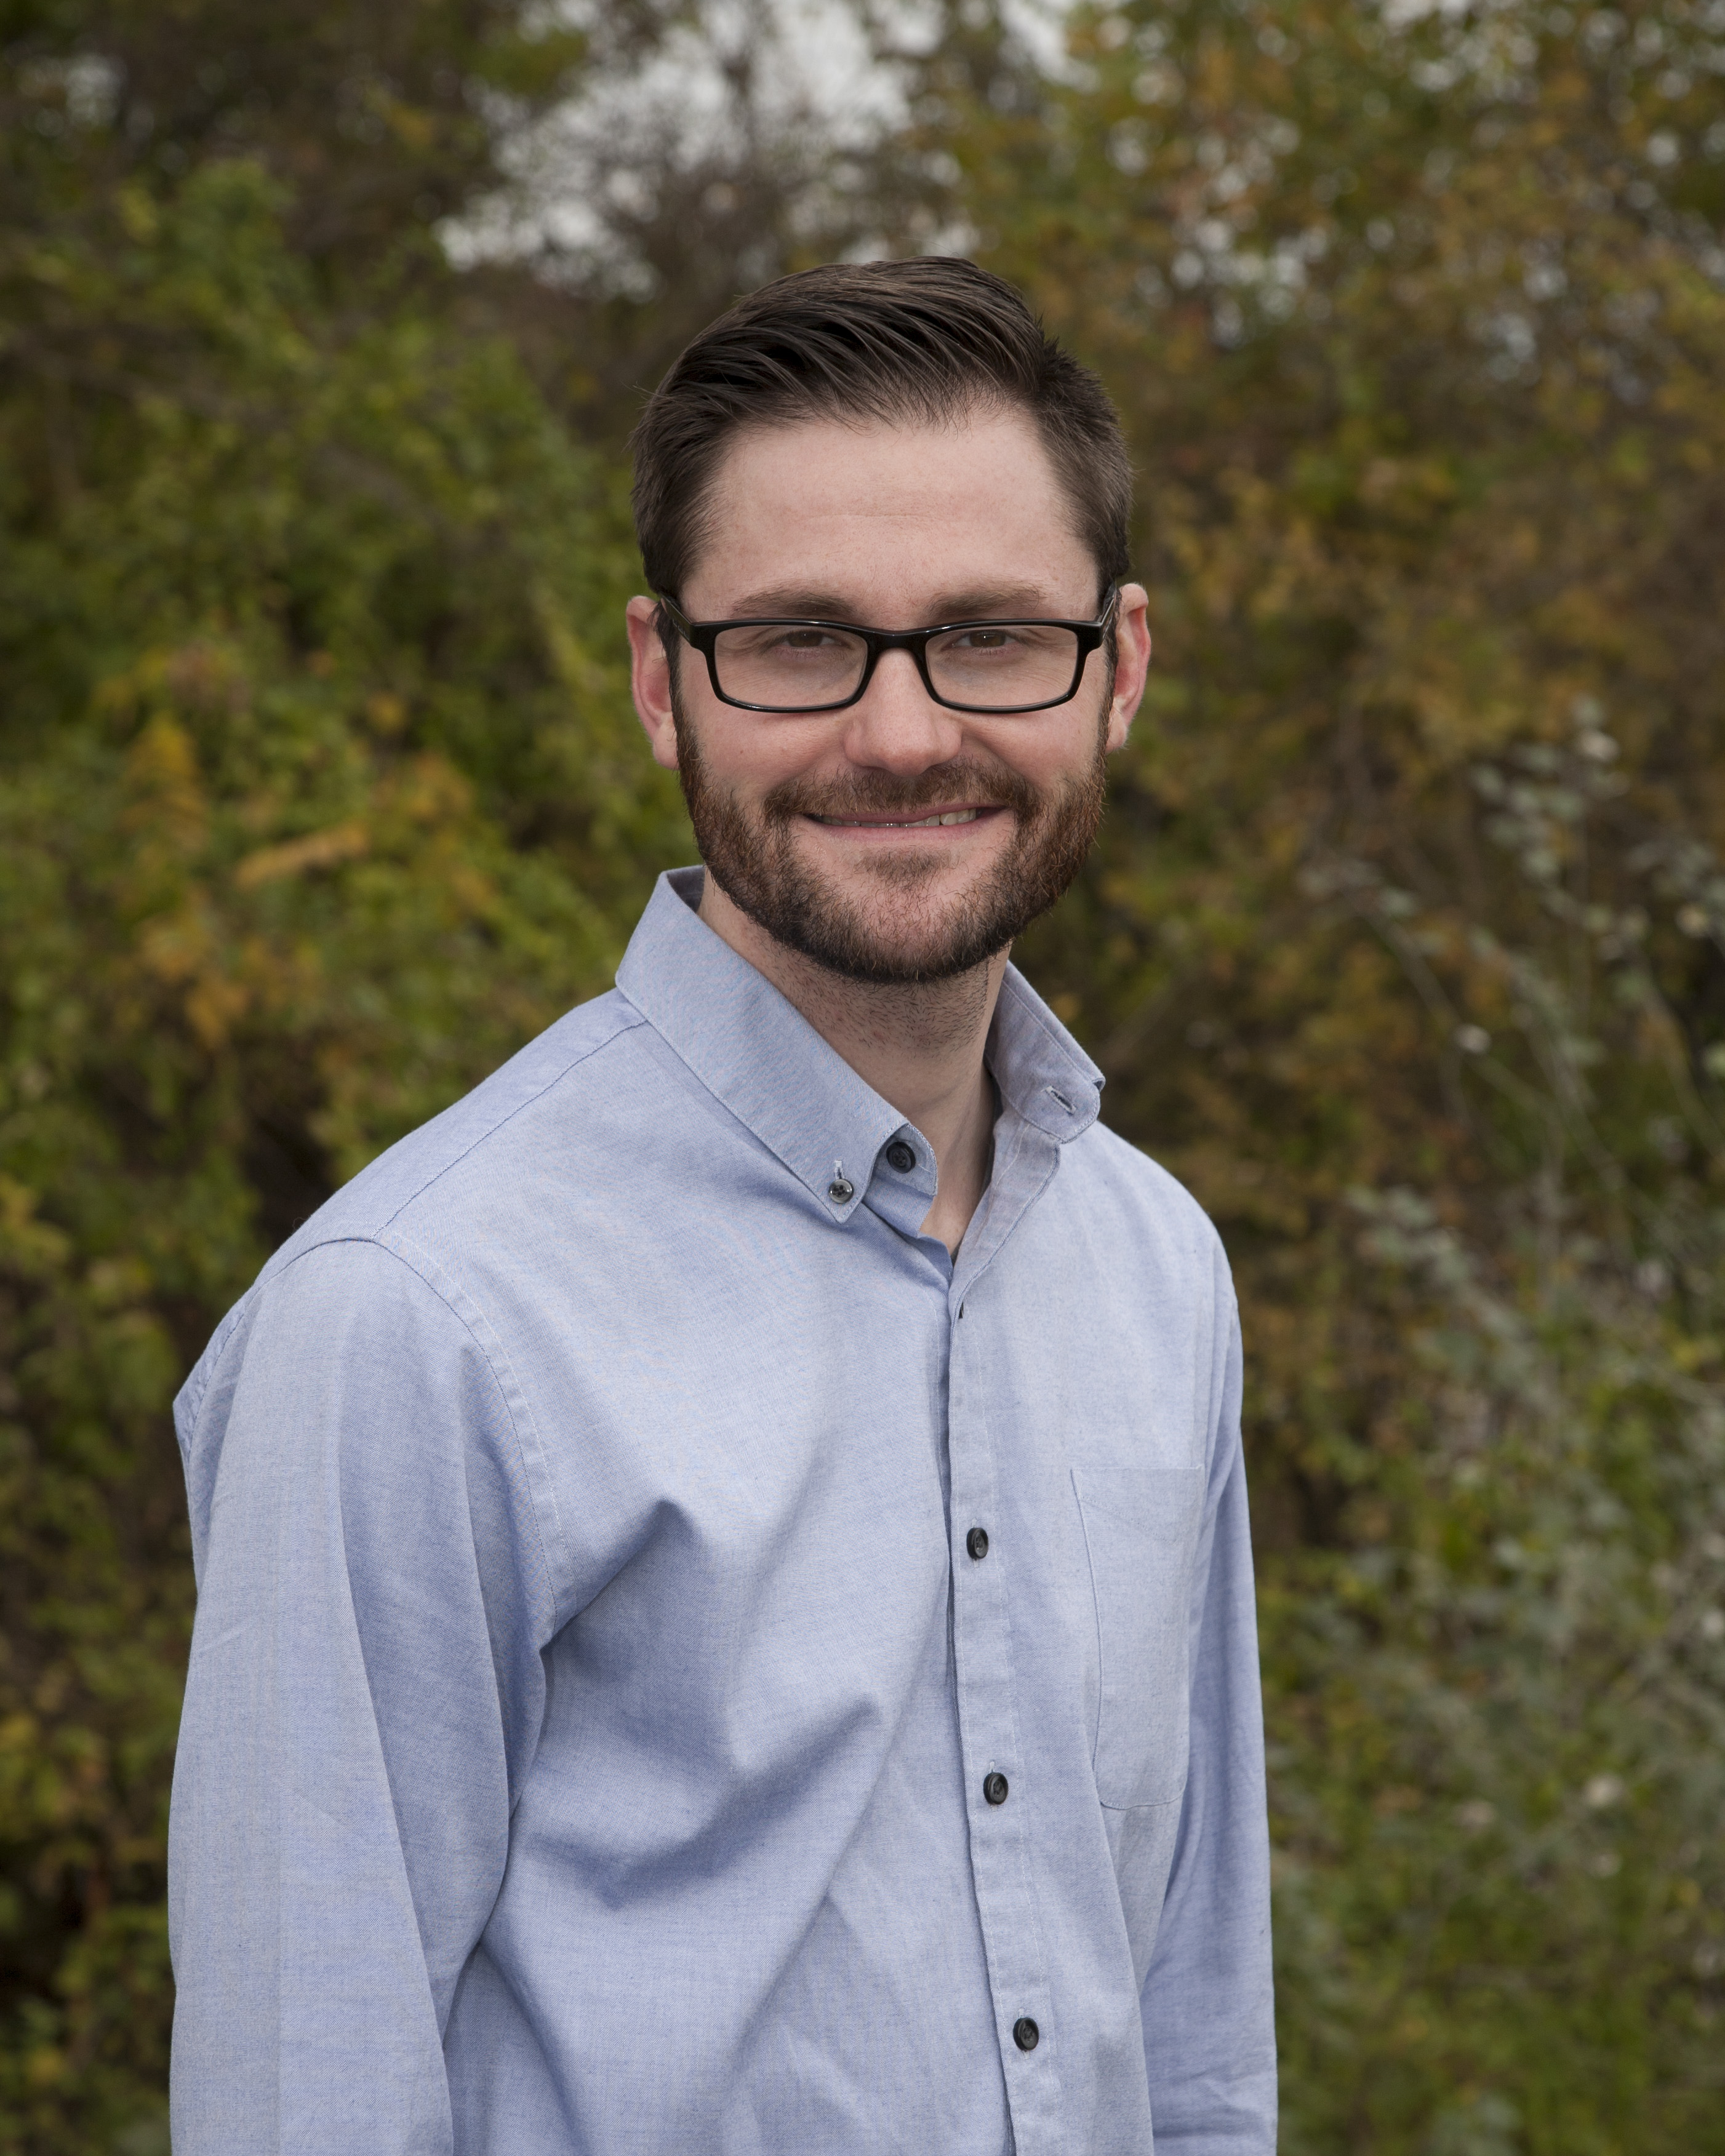 Eric Ginn